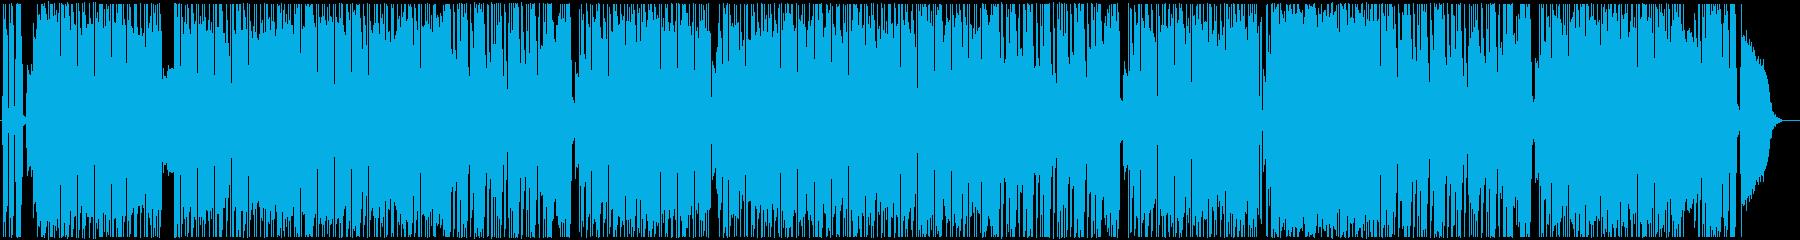 歌謡曲風のギターインスト ロックの再生済みの波形